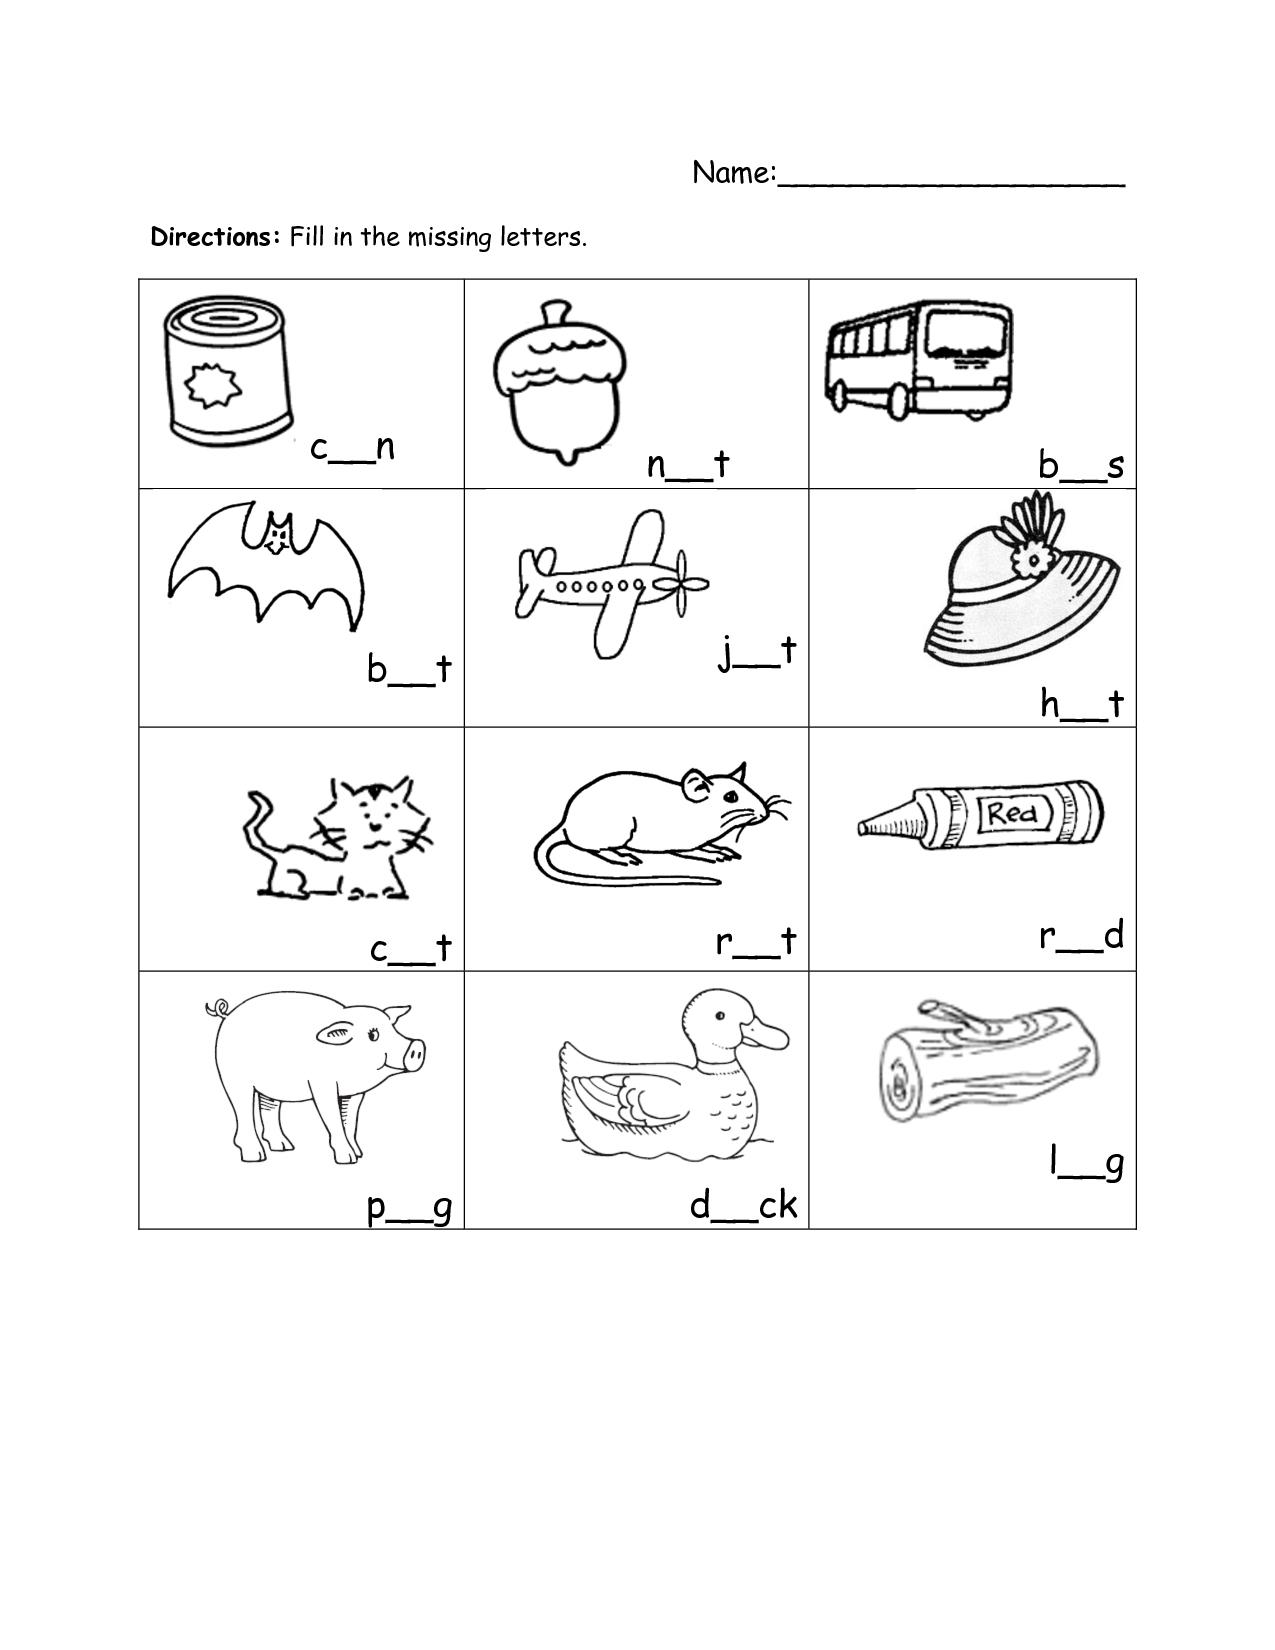 Twisty Noodle Worksheets   Printable Worksheets And throughout Letter G Worksheets Twisty Noodle